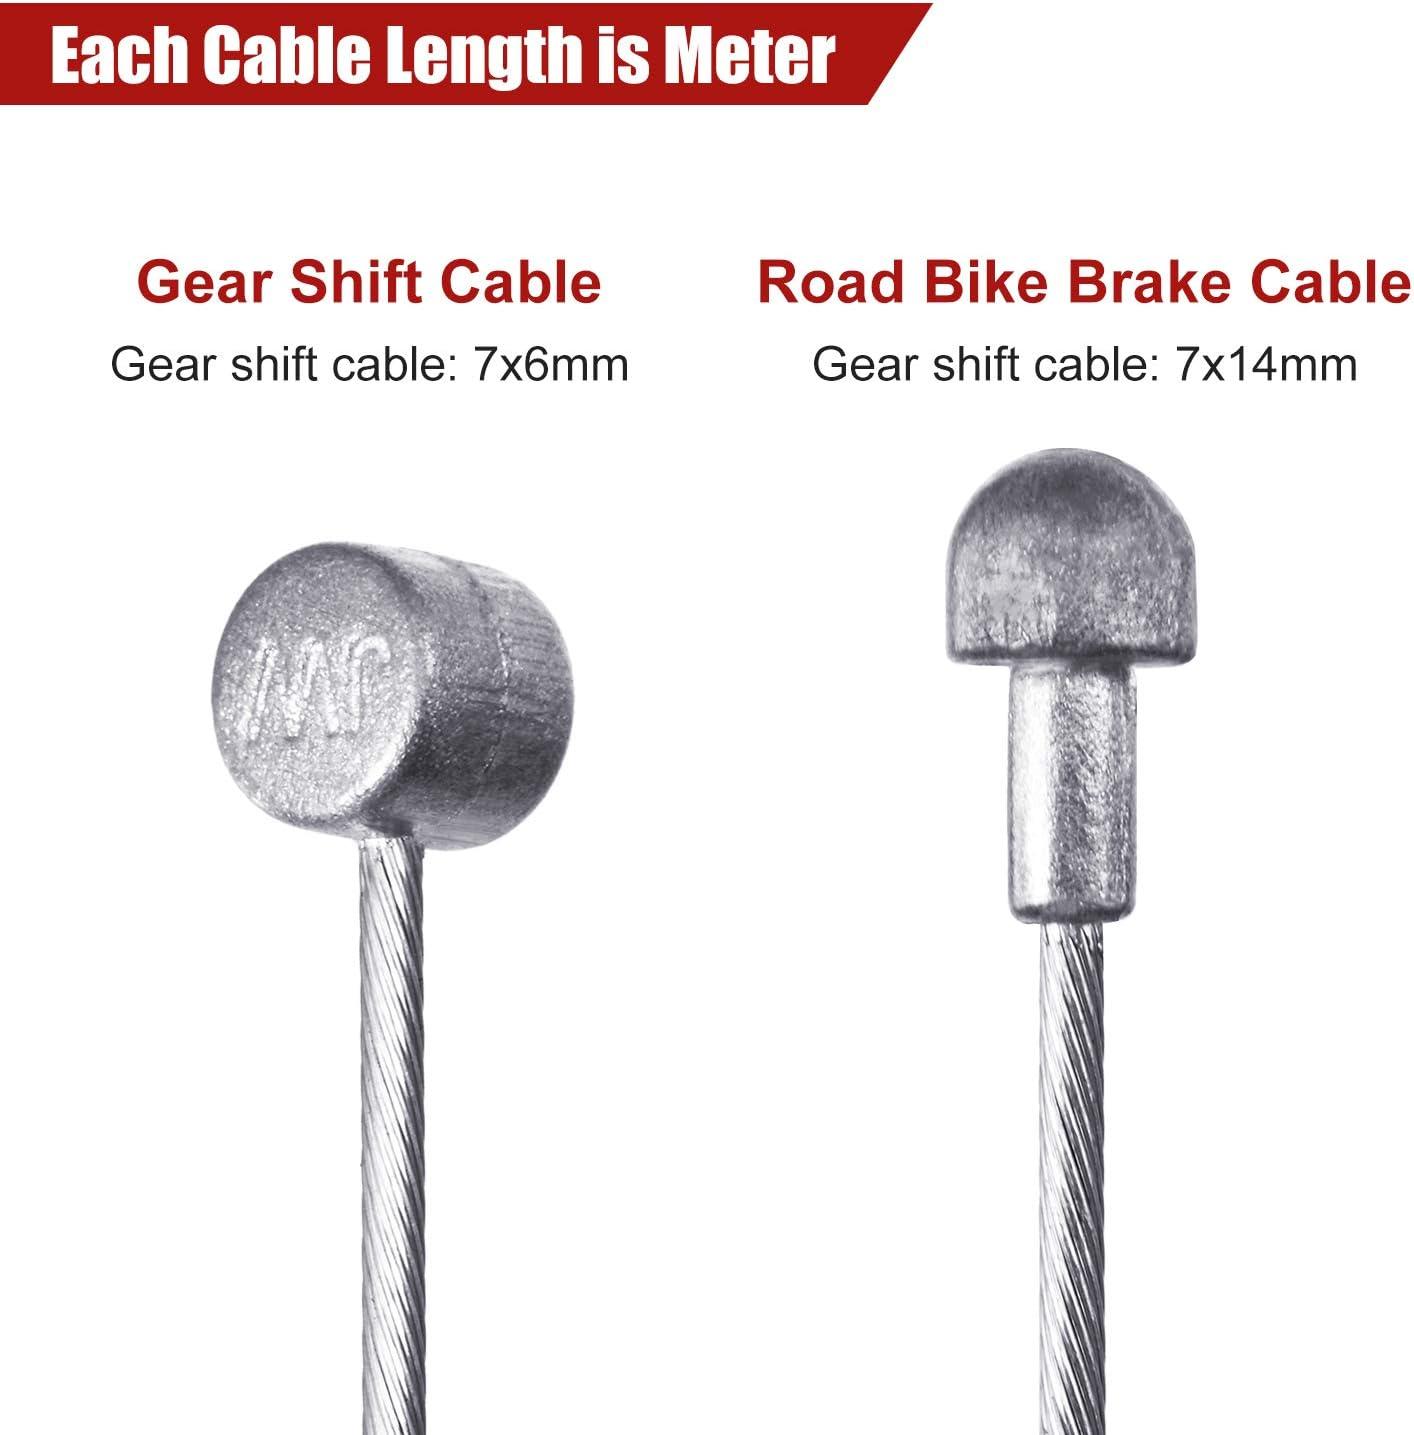 Boao Juego de 4 Piezas Carcasas de Cable deFreno Interior de Bicicleta Universal Reemplazo de Cable de Freno de Bicicleta para Bicicleta de Monta/ña y Carretera